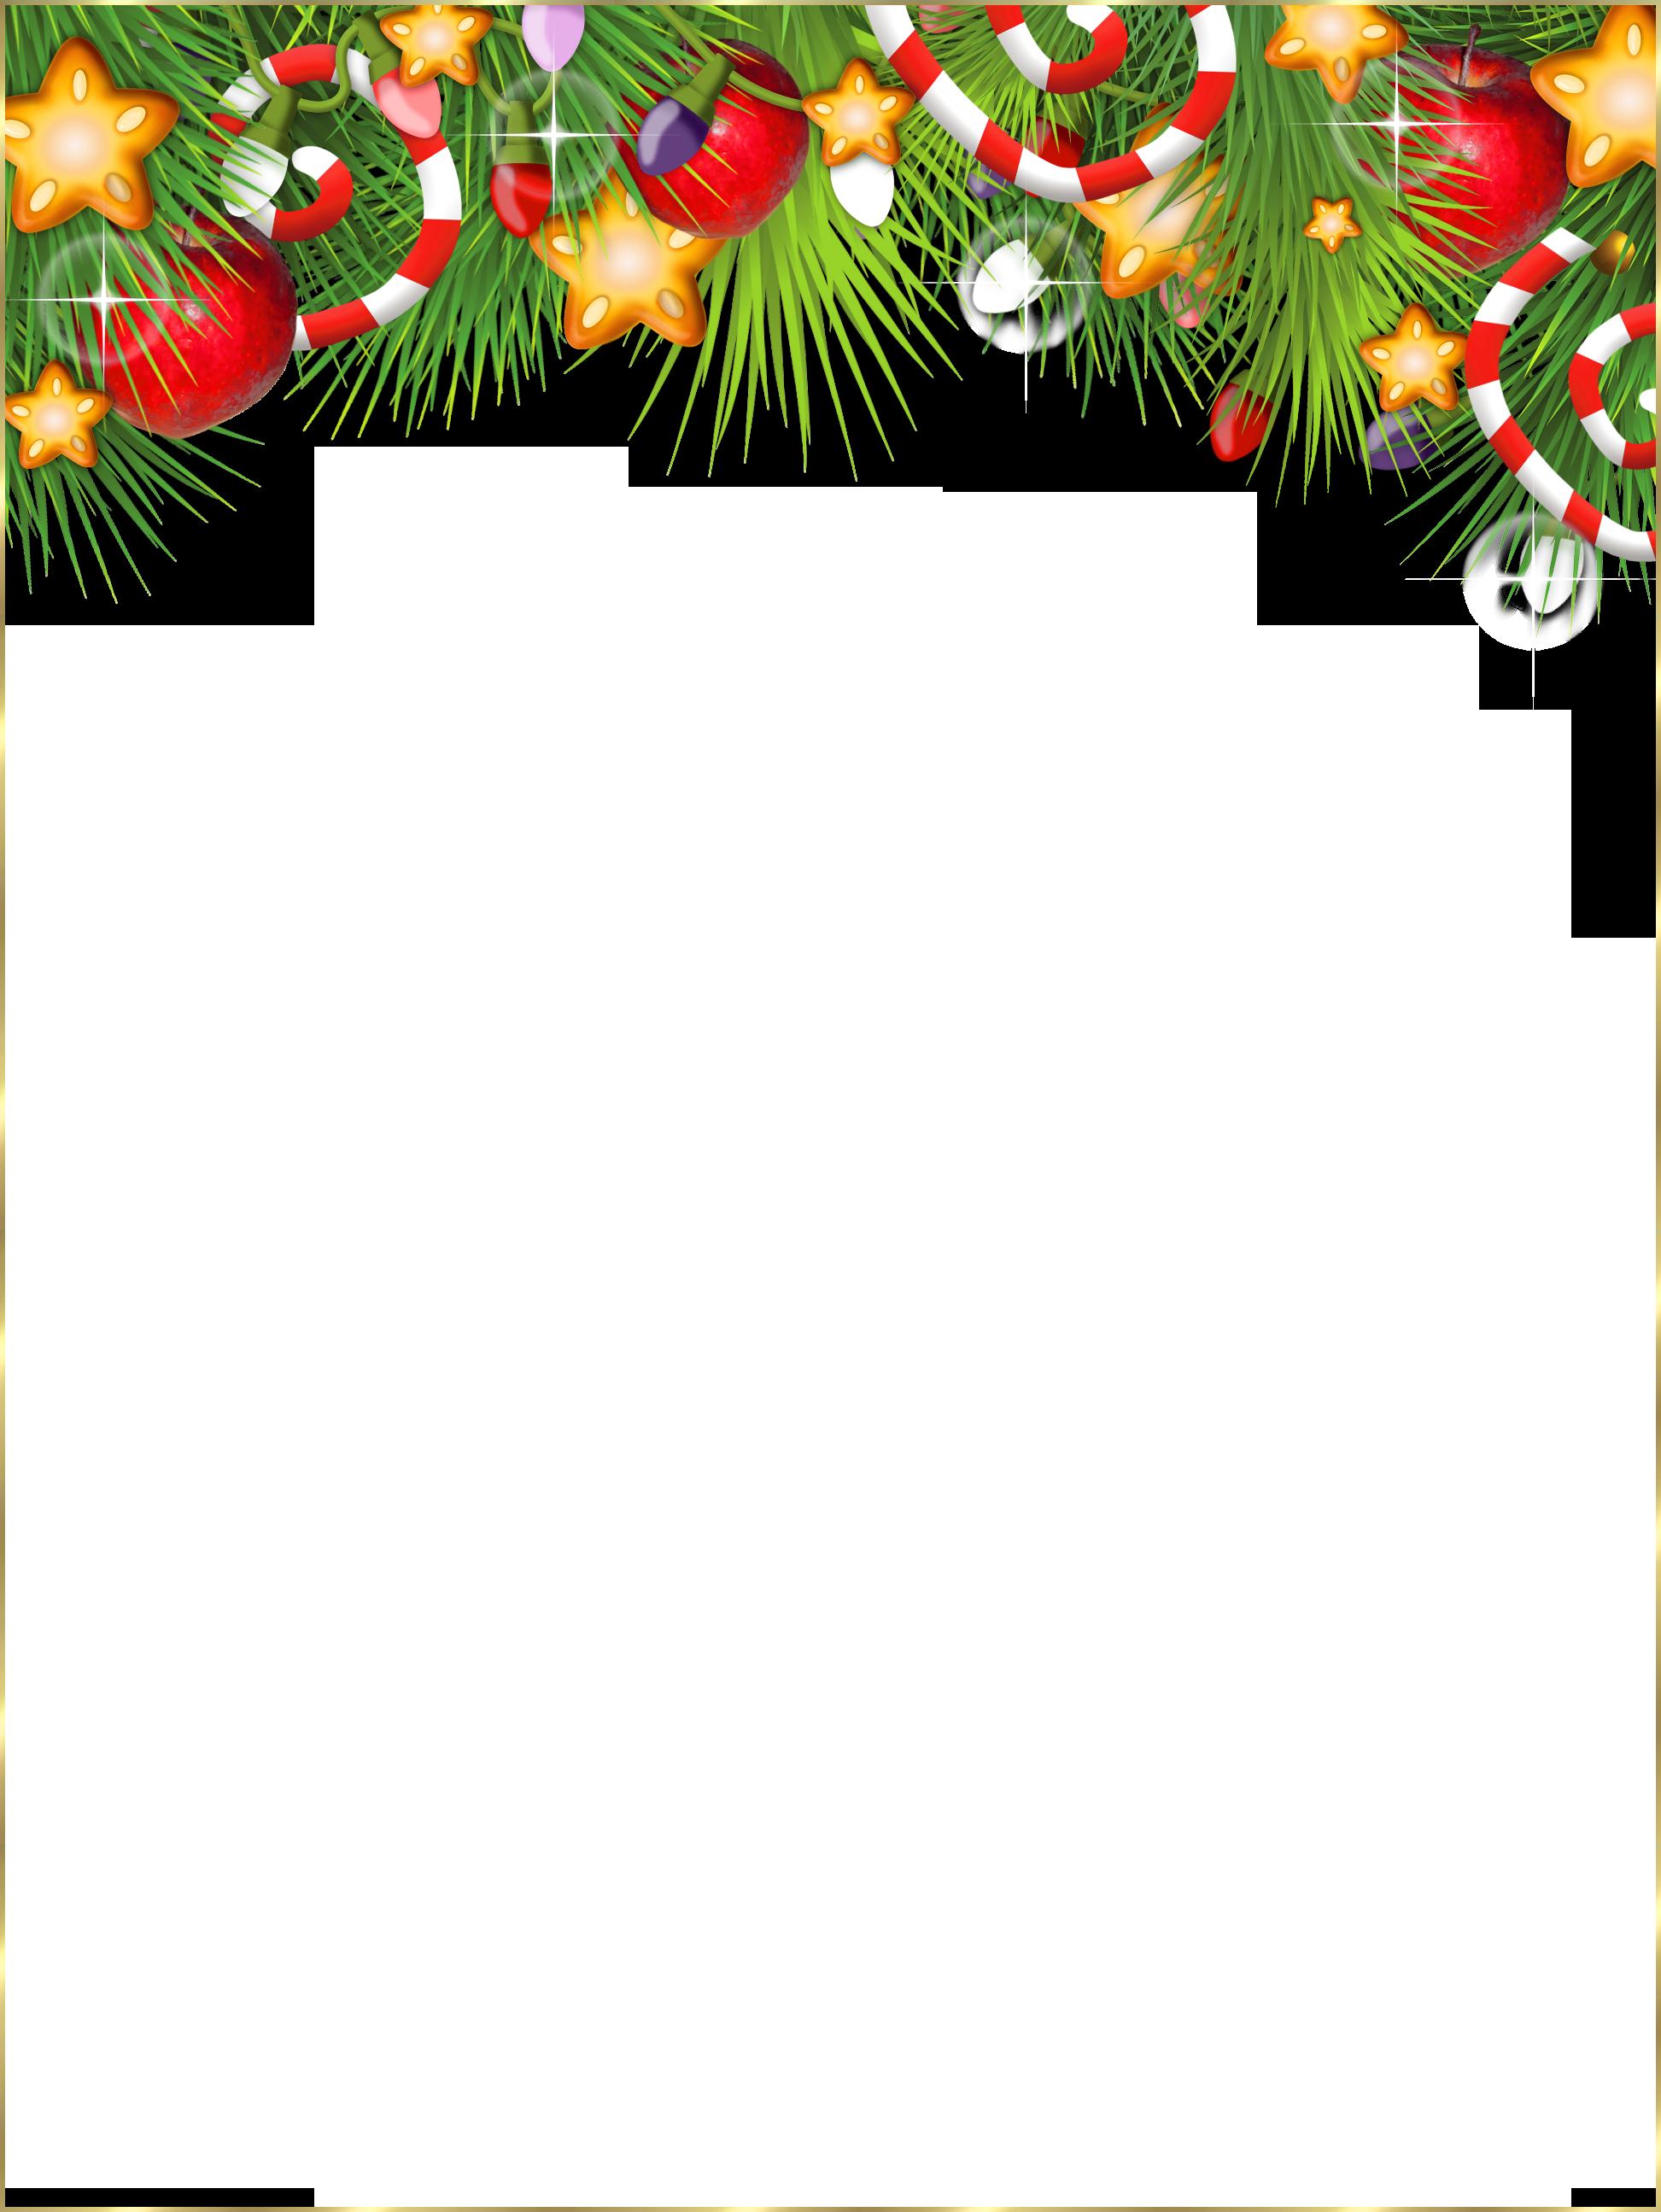 Christmas Frame Transparent Cute Transparent Christmas.